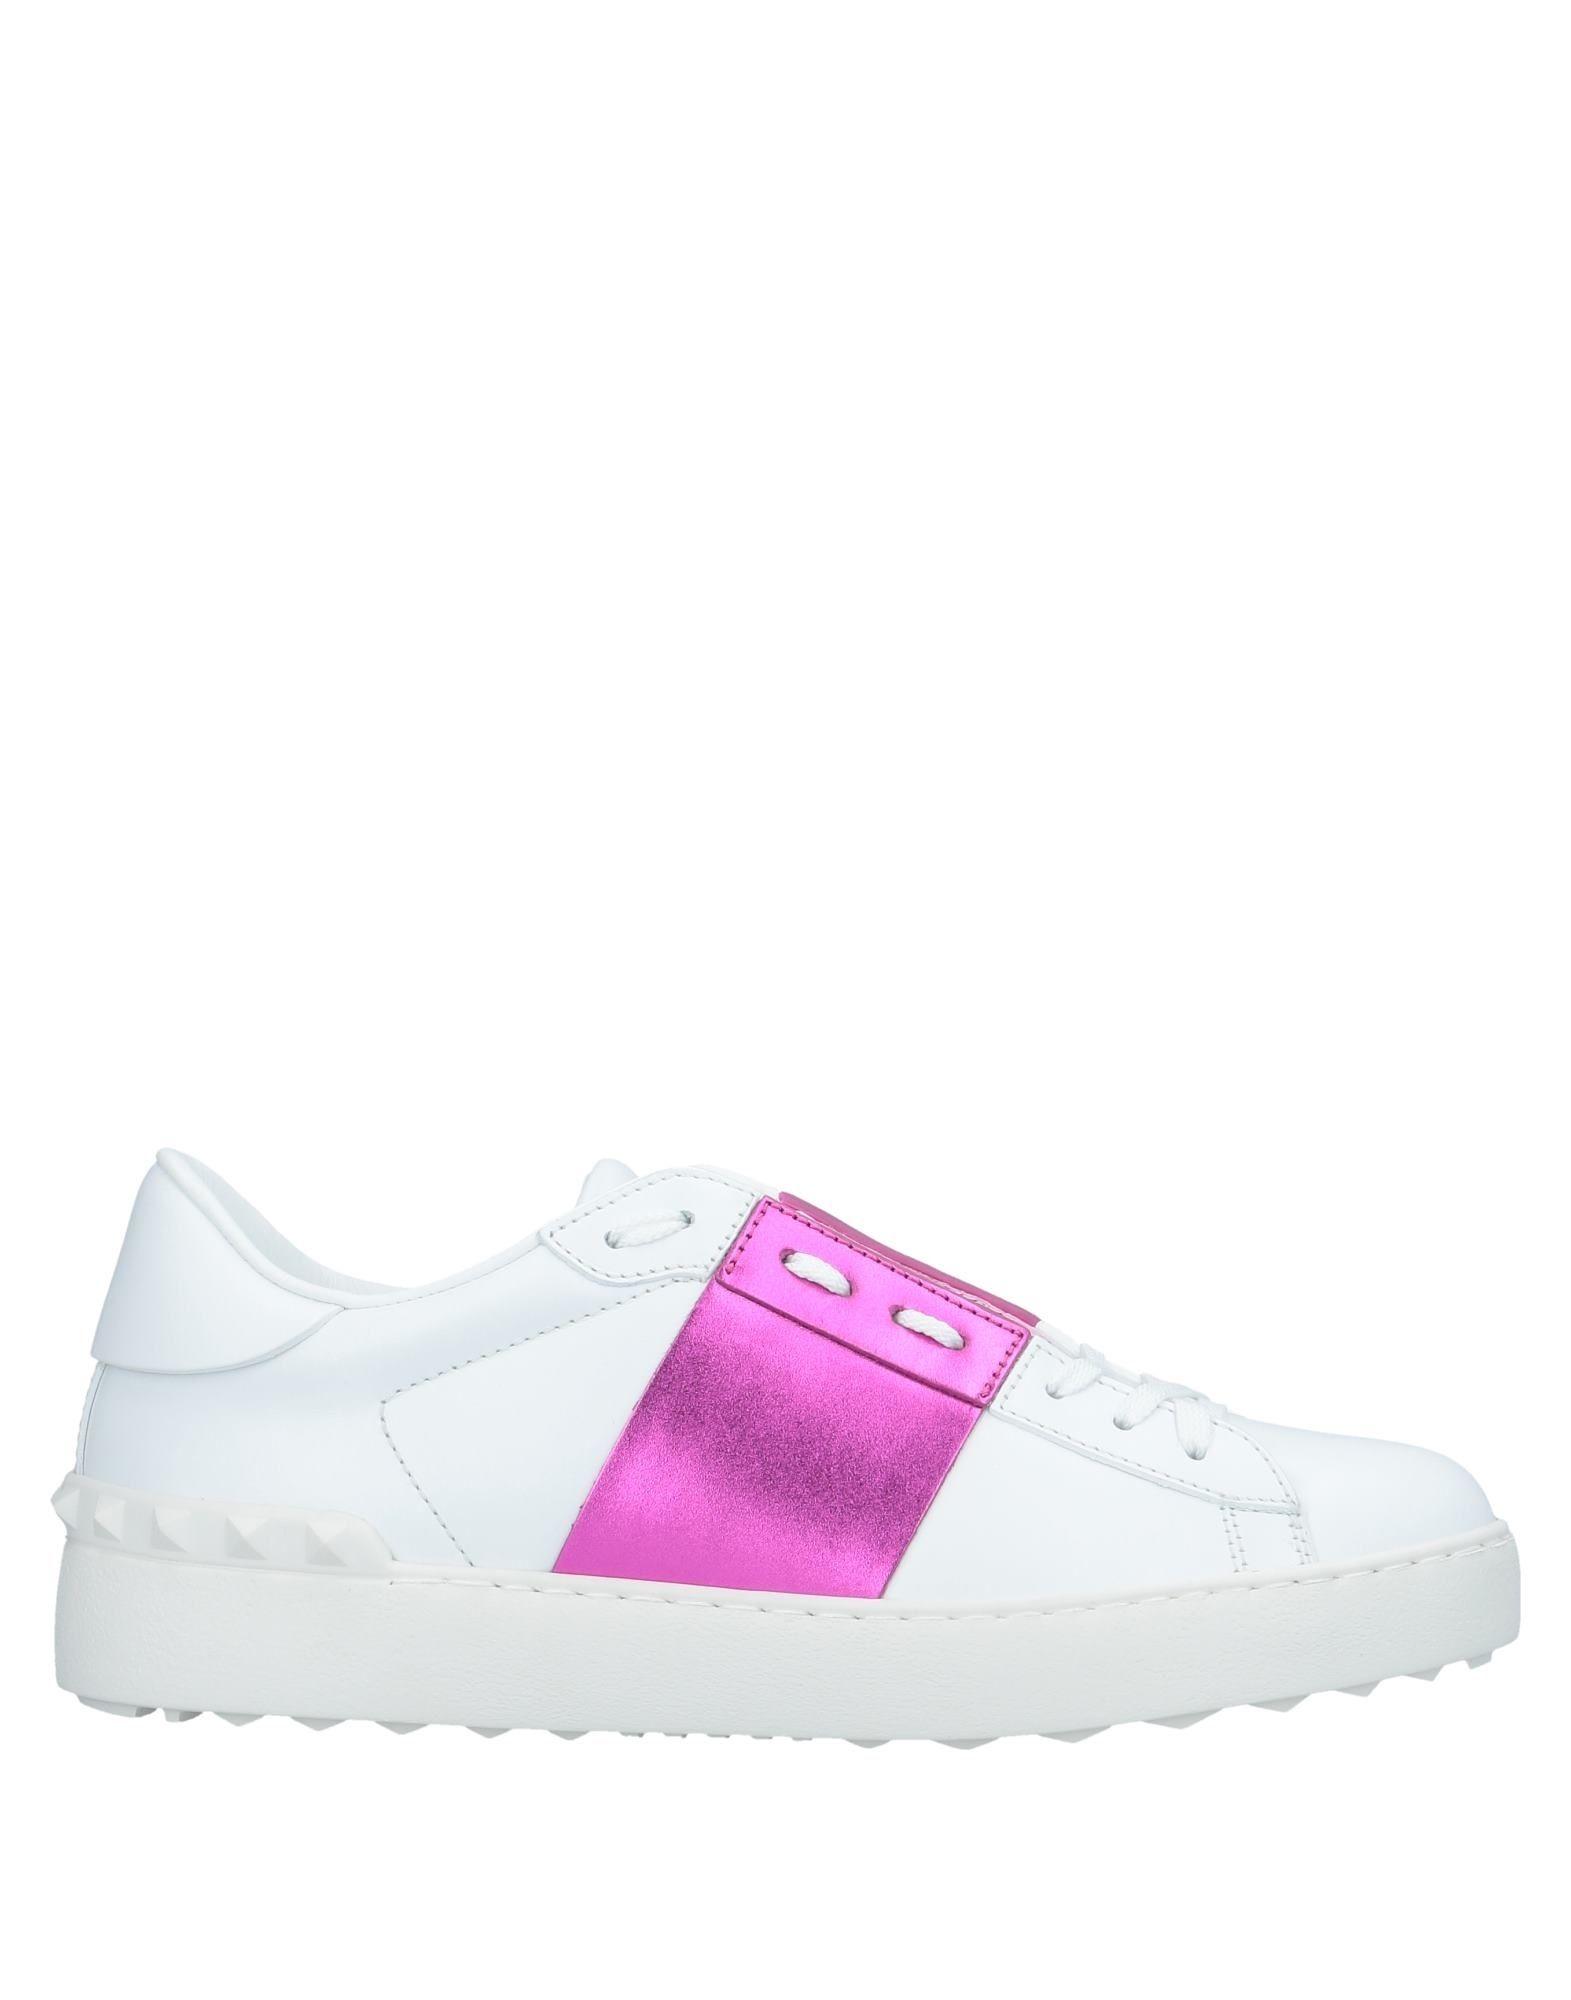 Valentino Garavani Sneakers Damen  11519183GIGünstige gut aussehende Schuhe